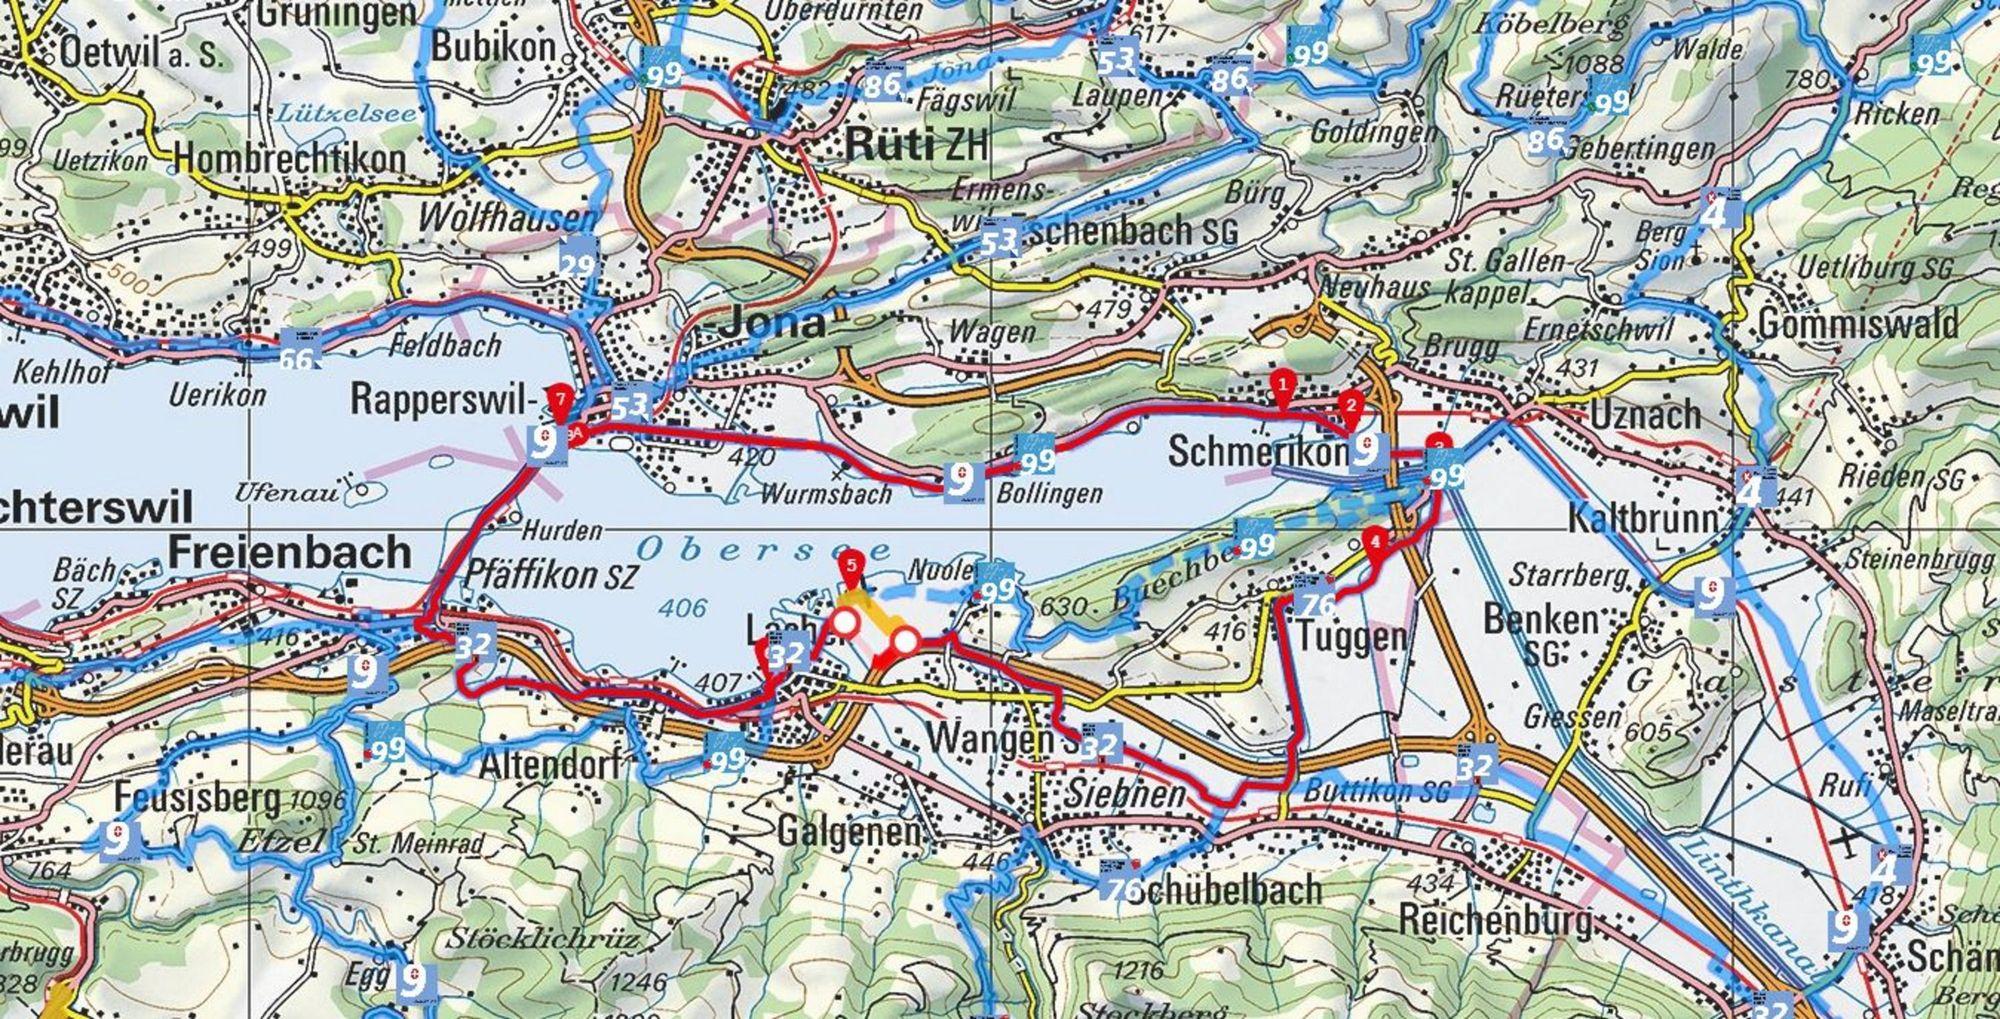 Karte vom slowUp yourself! Zürichsee 2021 (Quelle: slowUp Zürichsee)